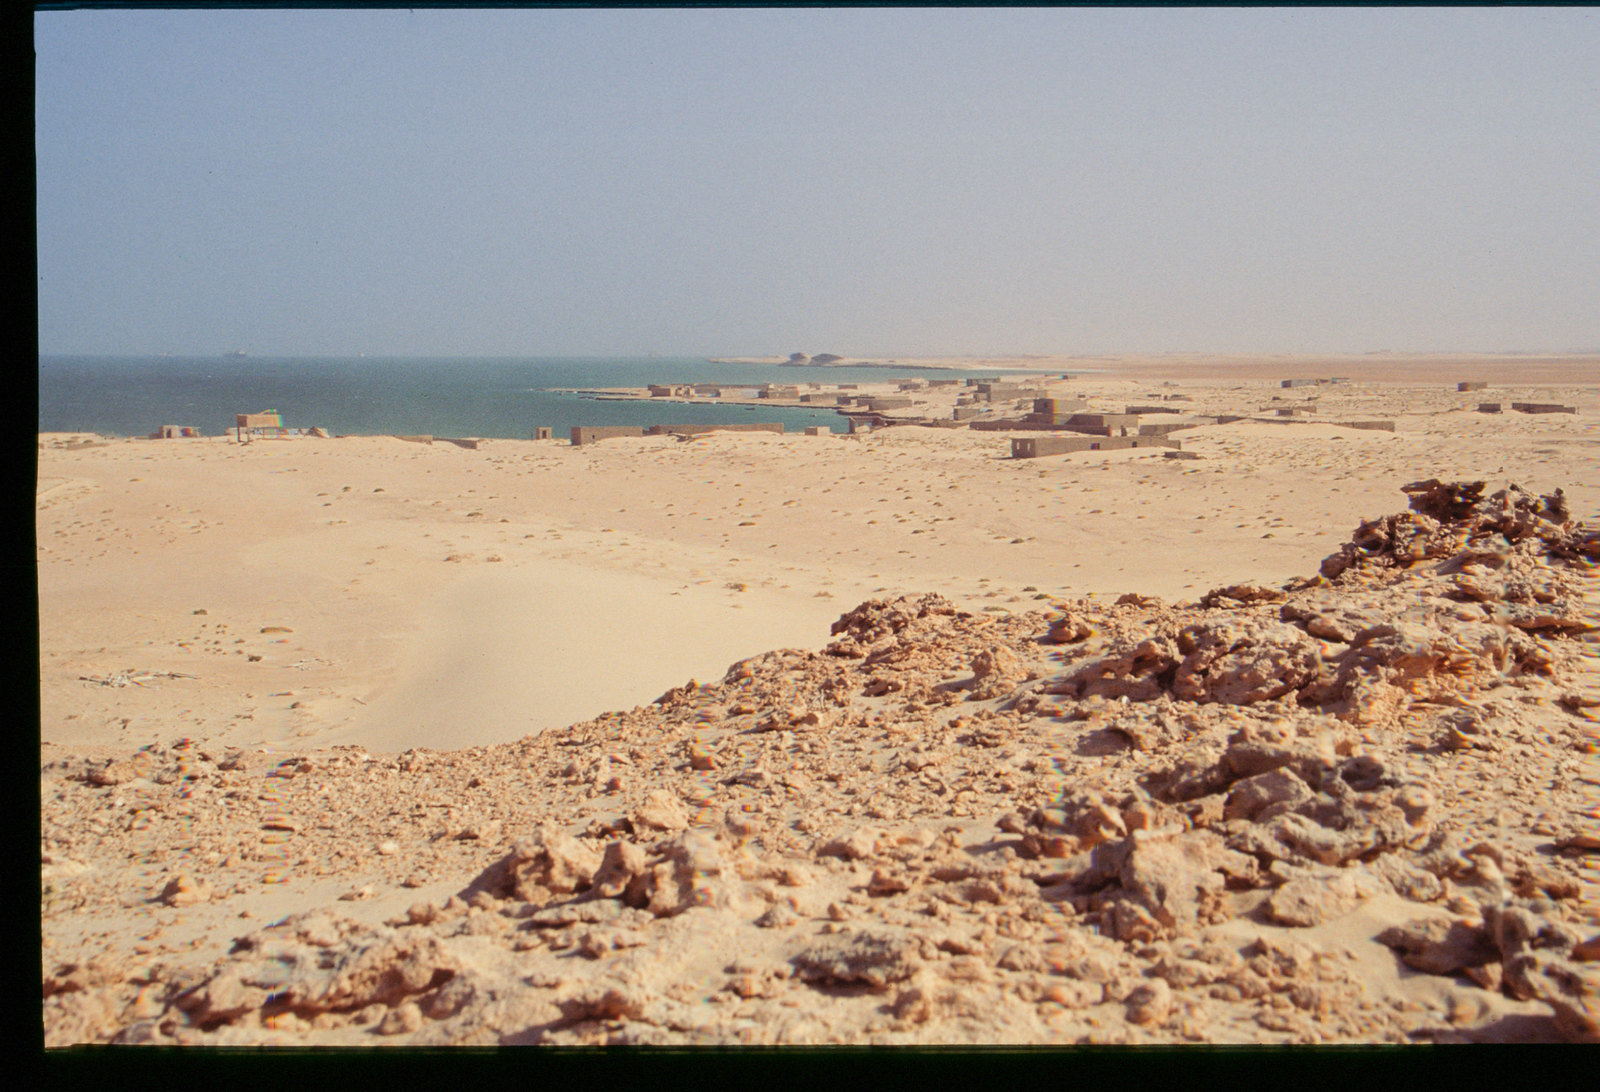 Mauritanie - Banc d'Arguin - Panorama sur la côte